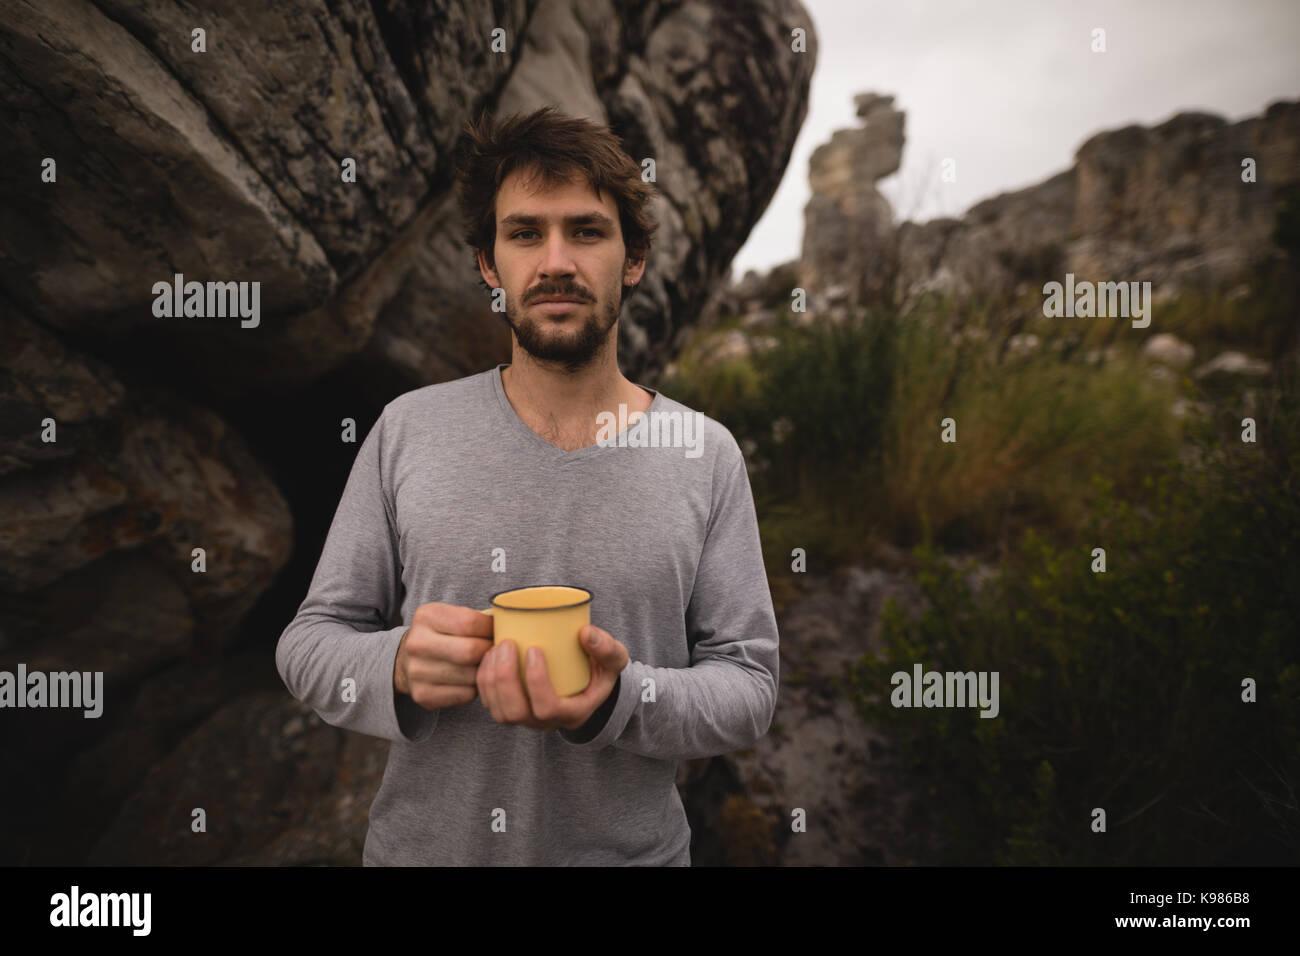 Retrato del hombre que confía la celebración de café en un día soleado Imagen De Stock